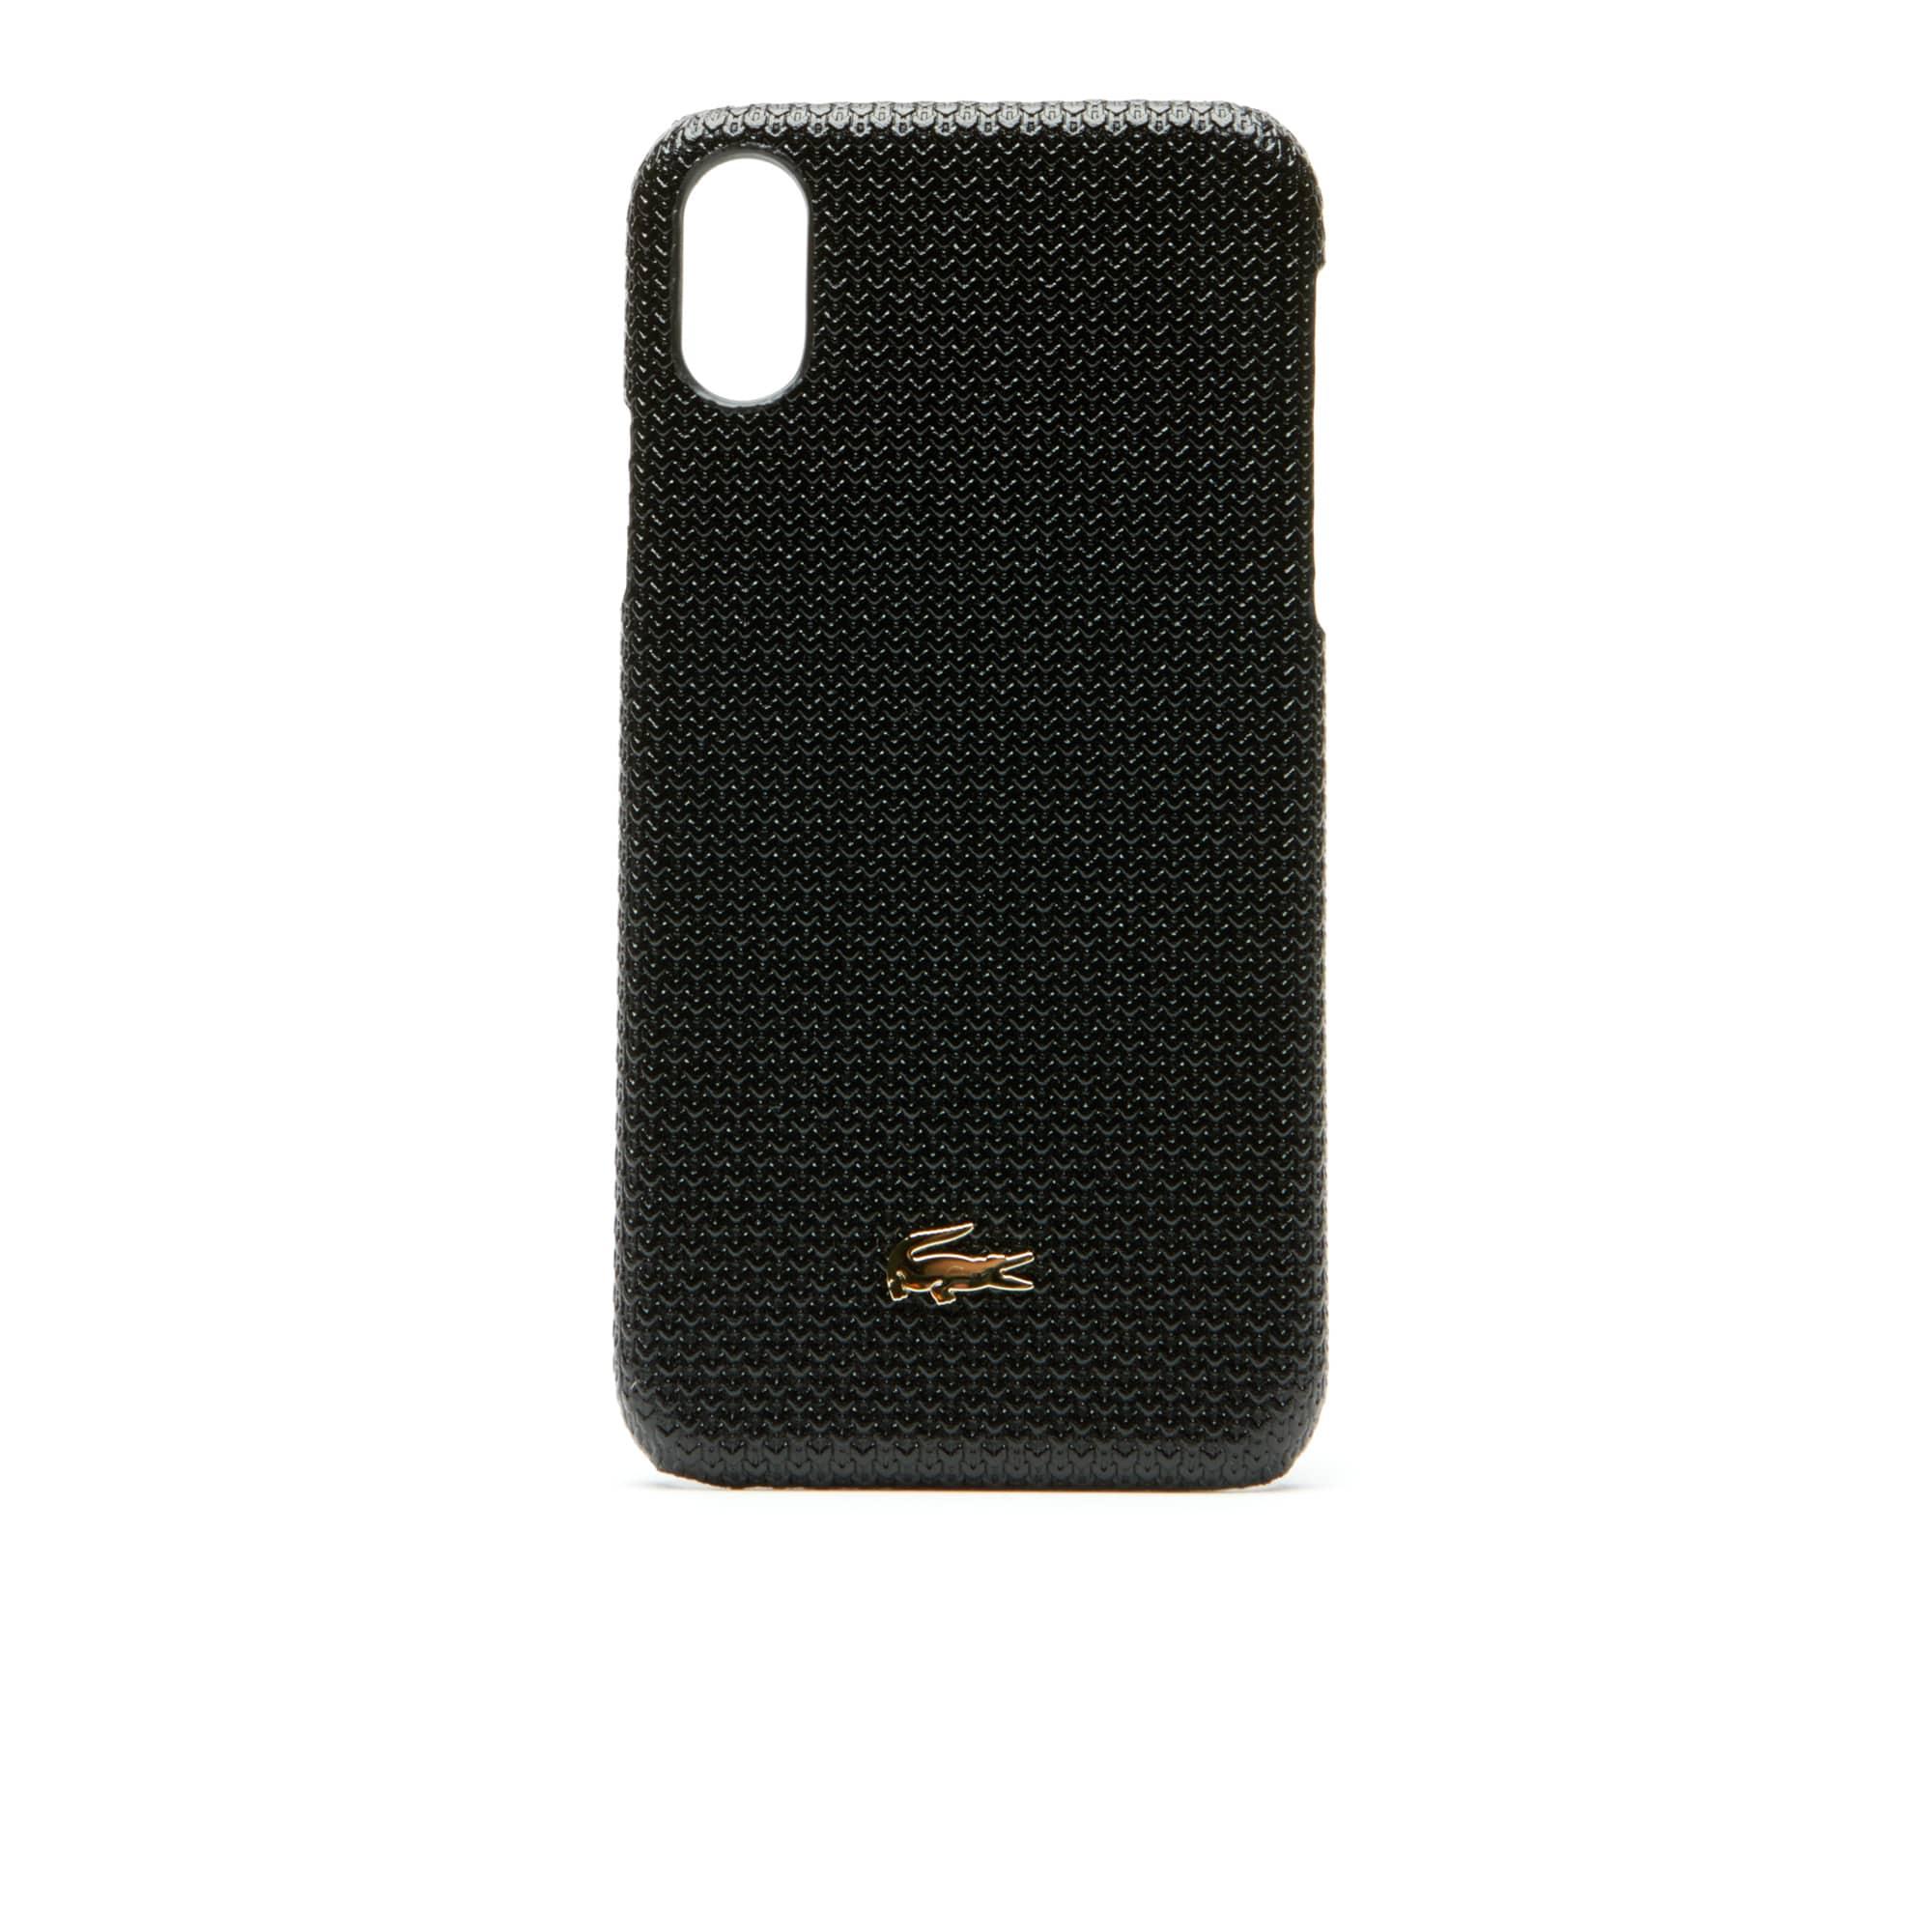 Coque iPhone X Chantaco en cuir piqué uni